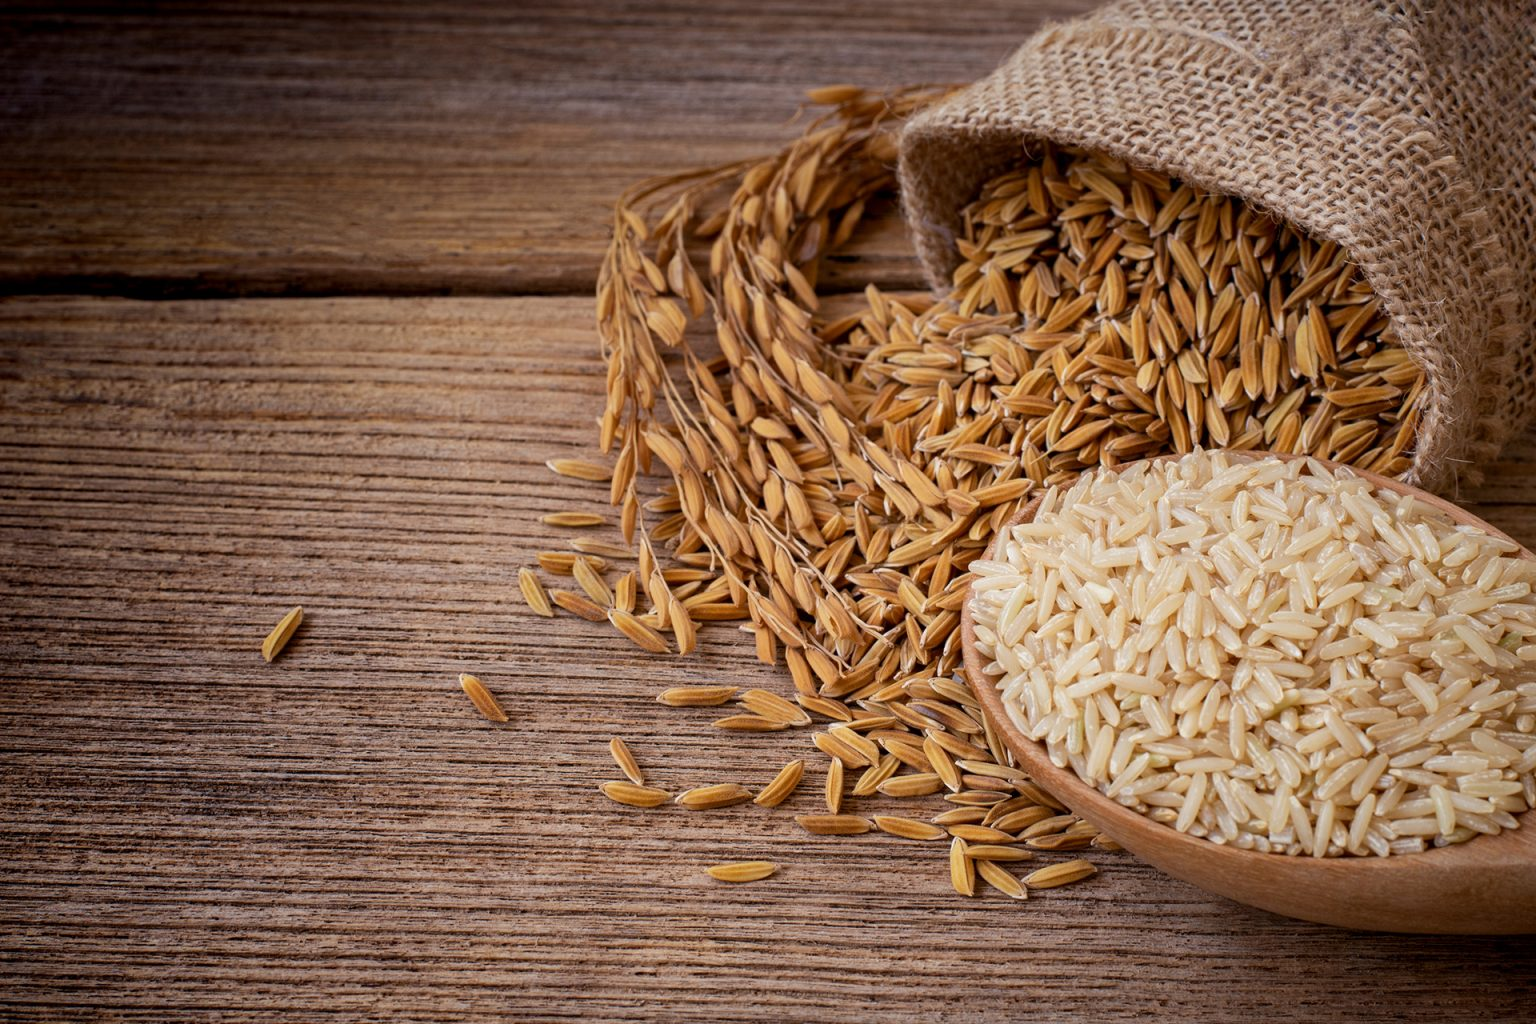 Bio-Reciclados - Restos de fibras vegetales de la planta del arroz